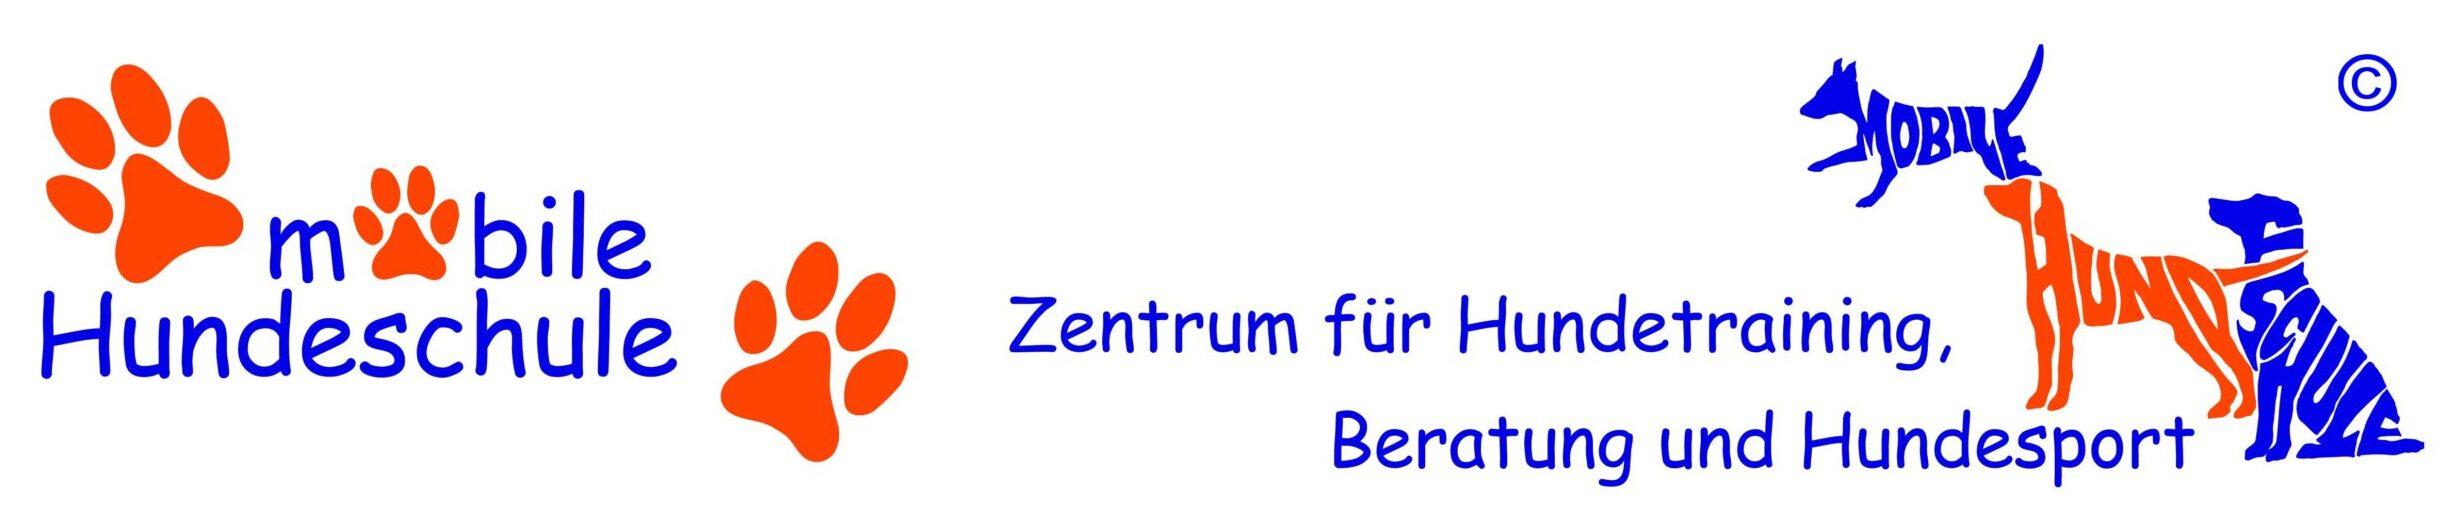 mobile-hundeschule_logo-komplett Copy (Druck - 300dpi)